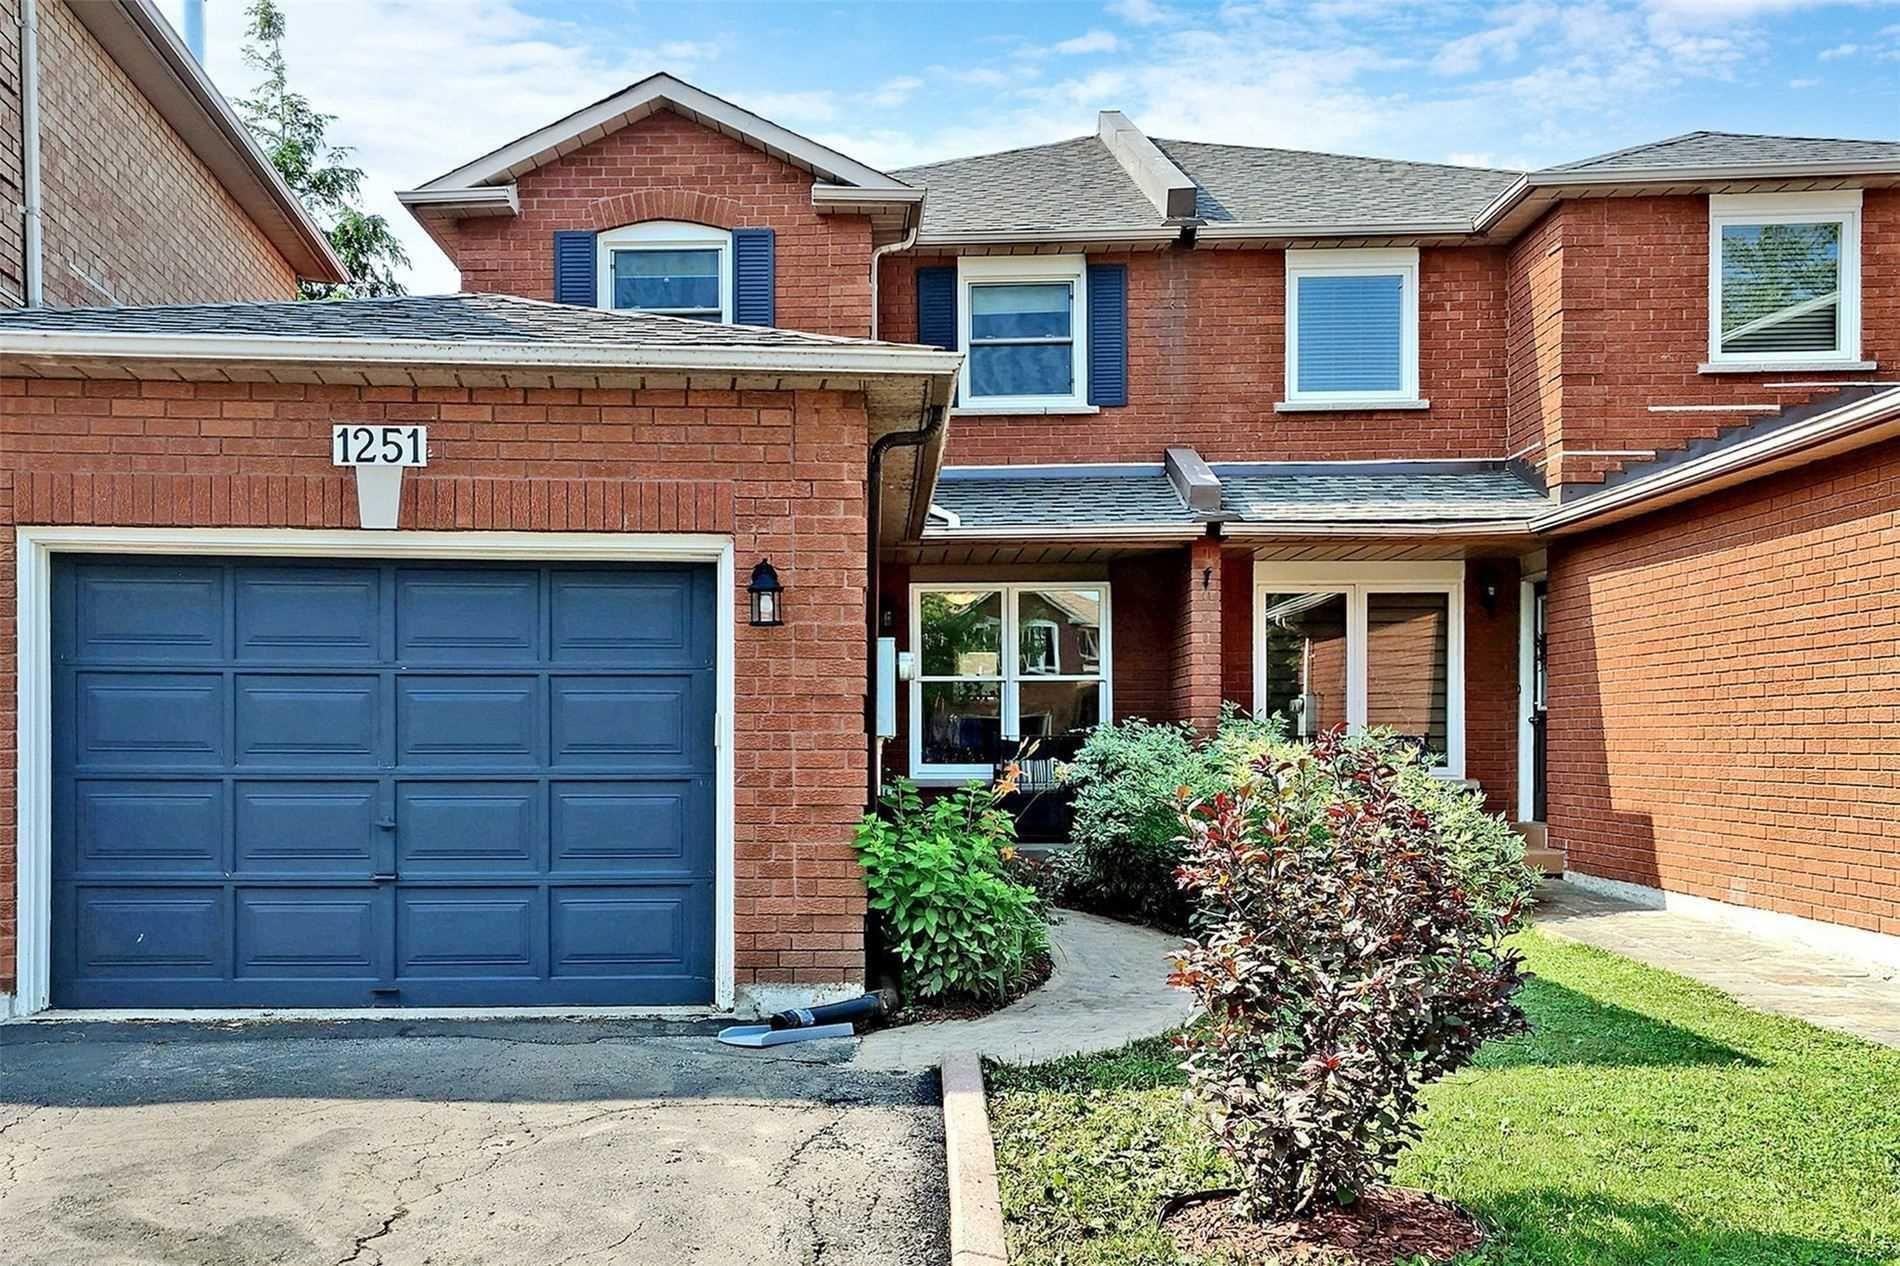 Main Photo: 1251 Blackburn Drive in Oakville: Glen Abbey House (2-Storey) for lease : MLS®# W5356035